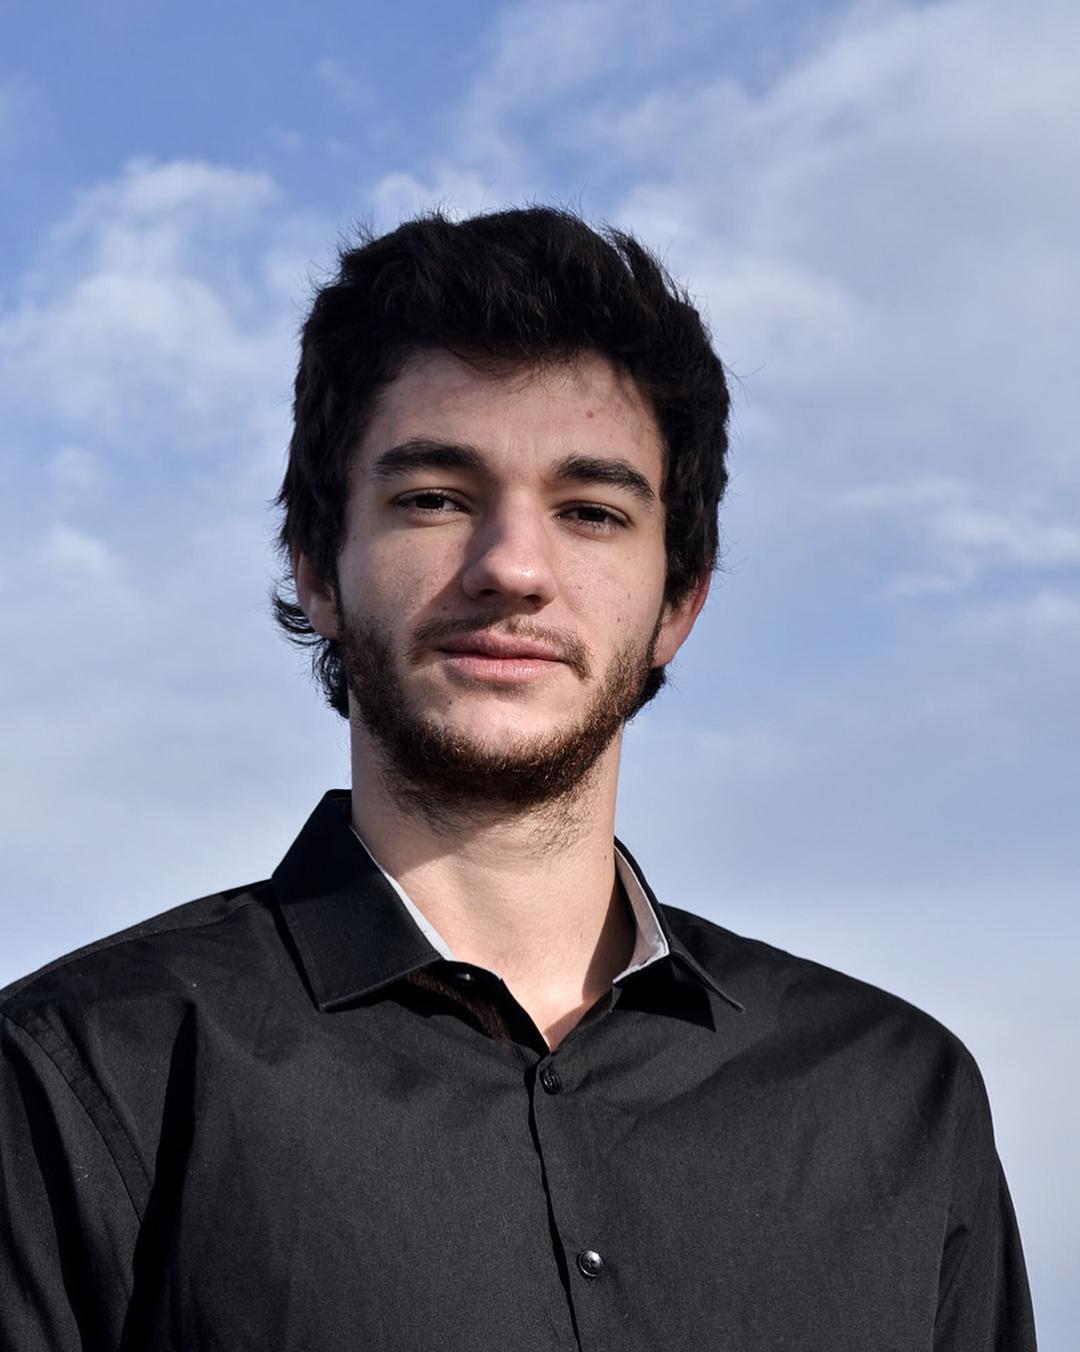 Aaron Vázquez